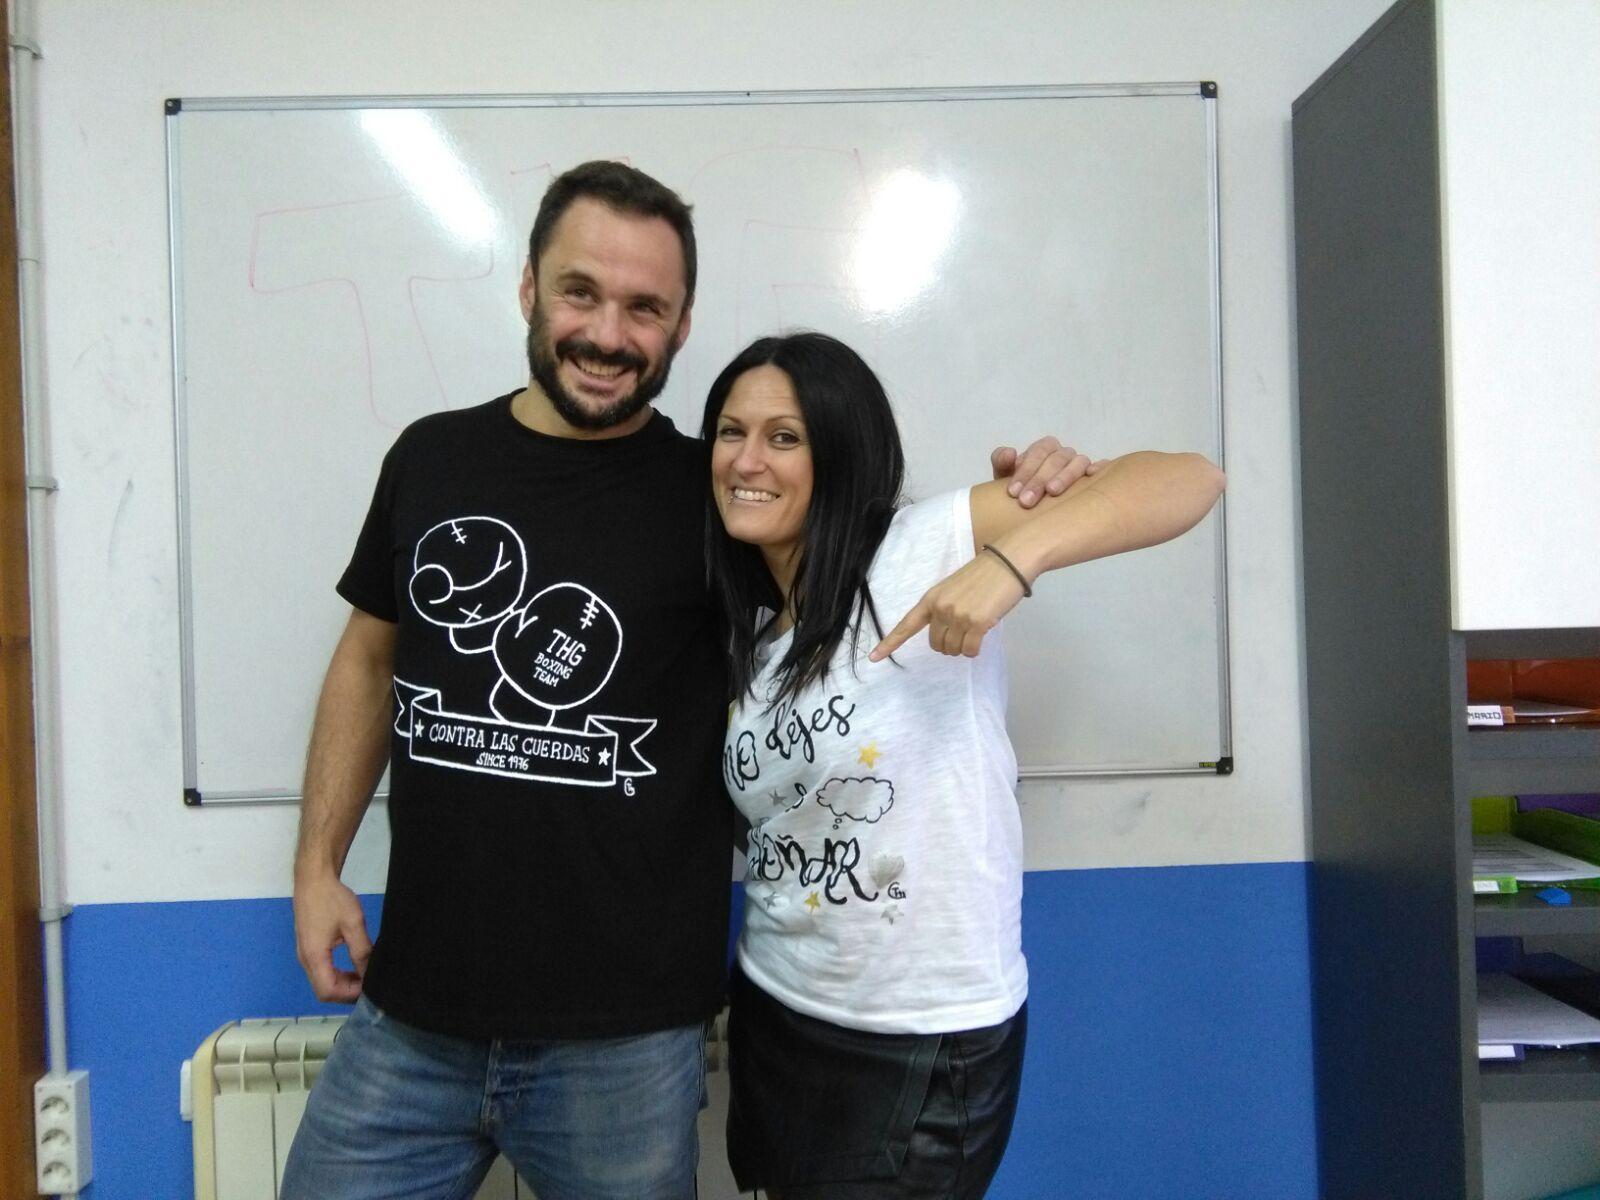 """Sergio y Esther con camisetas """"Contra las Cuerdas"""" y """"No dejes de Soñar"""""""